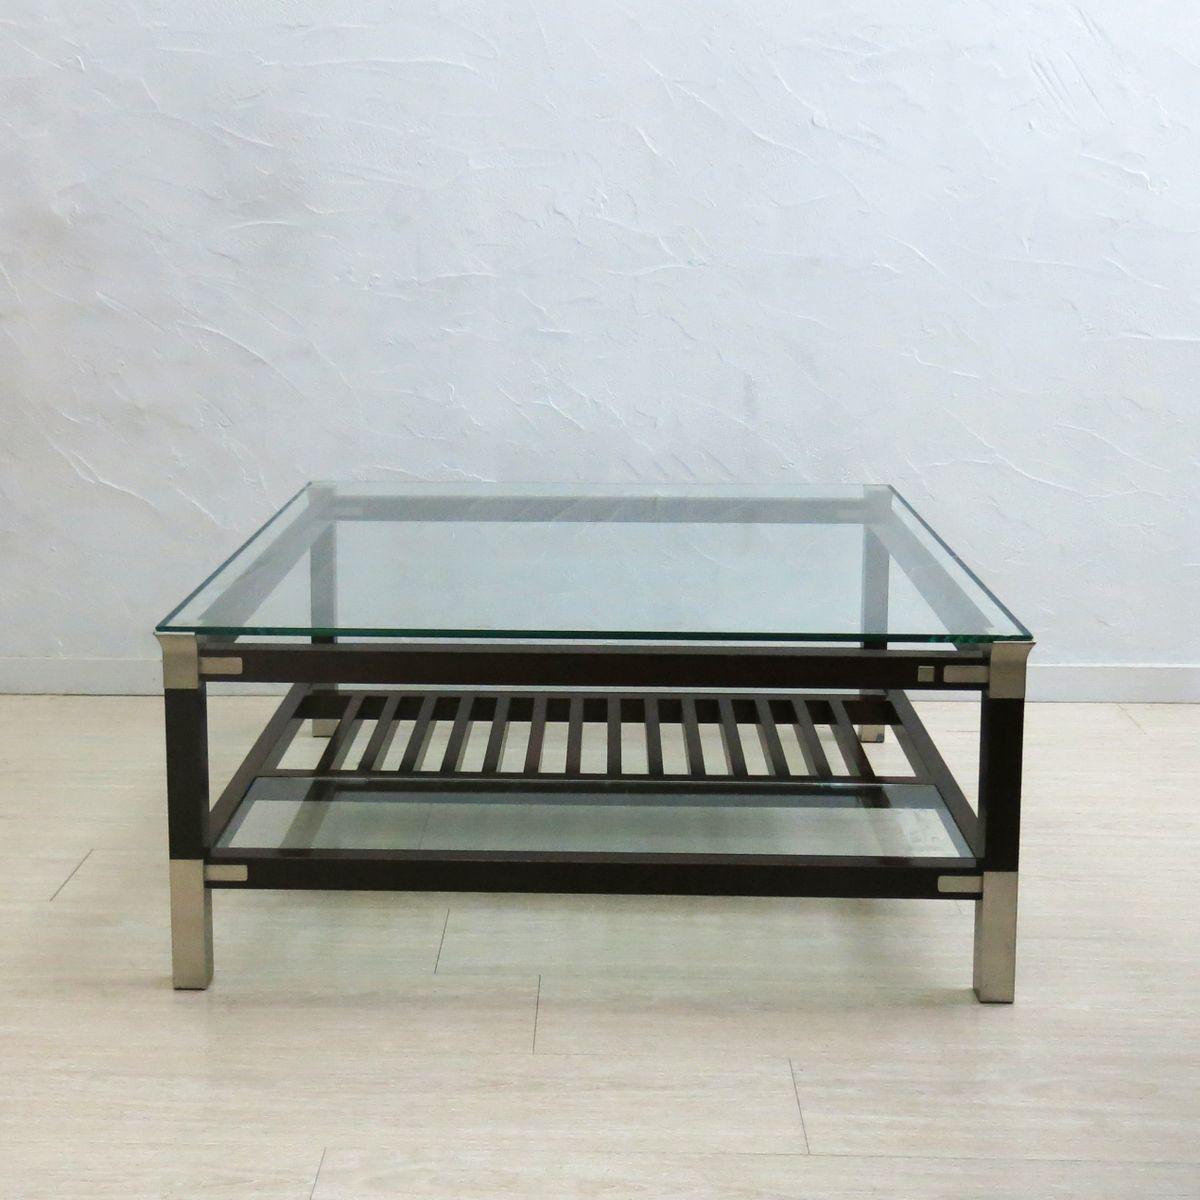 couchtisch mit glasplatte von pierre vandel 1970er bei pamono kaufen. Black Bedroom Furniture Sets. Home Design Ideas